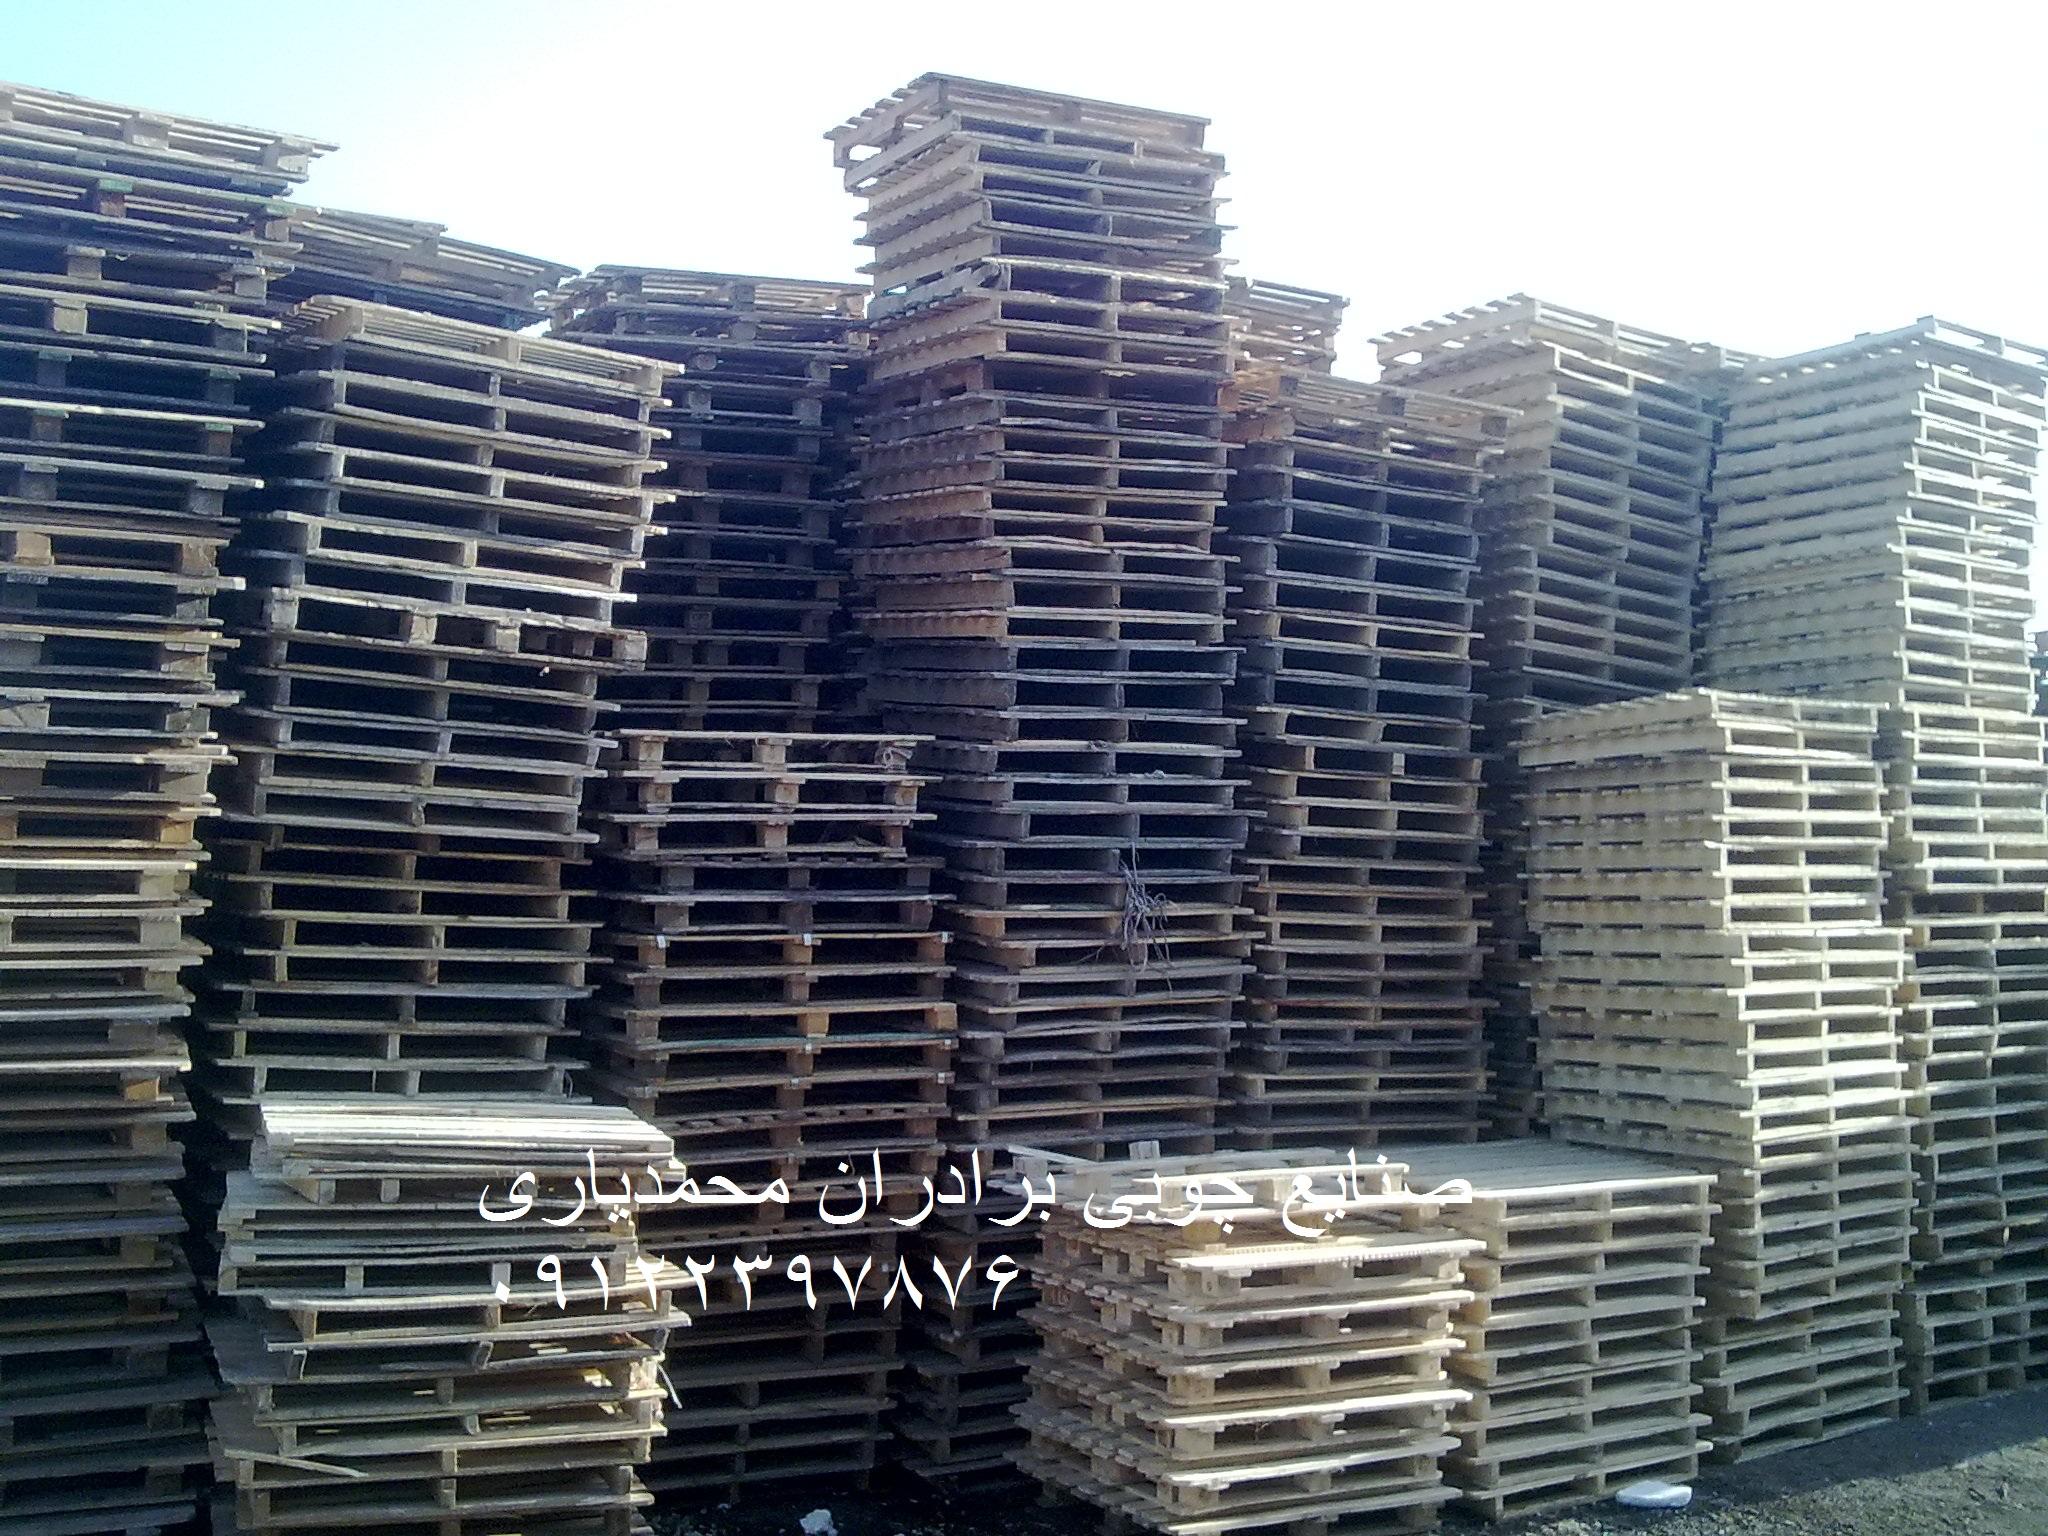 فروش پالت چوبی دست دوم در اصفهان – سایت قیمت هاپالت دست دوم چوبی